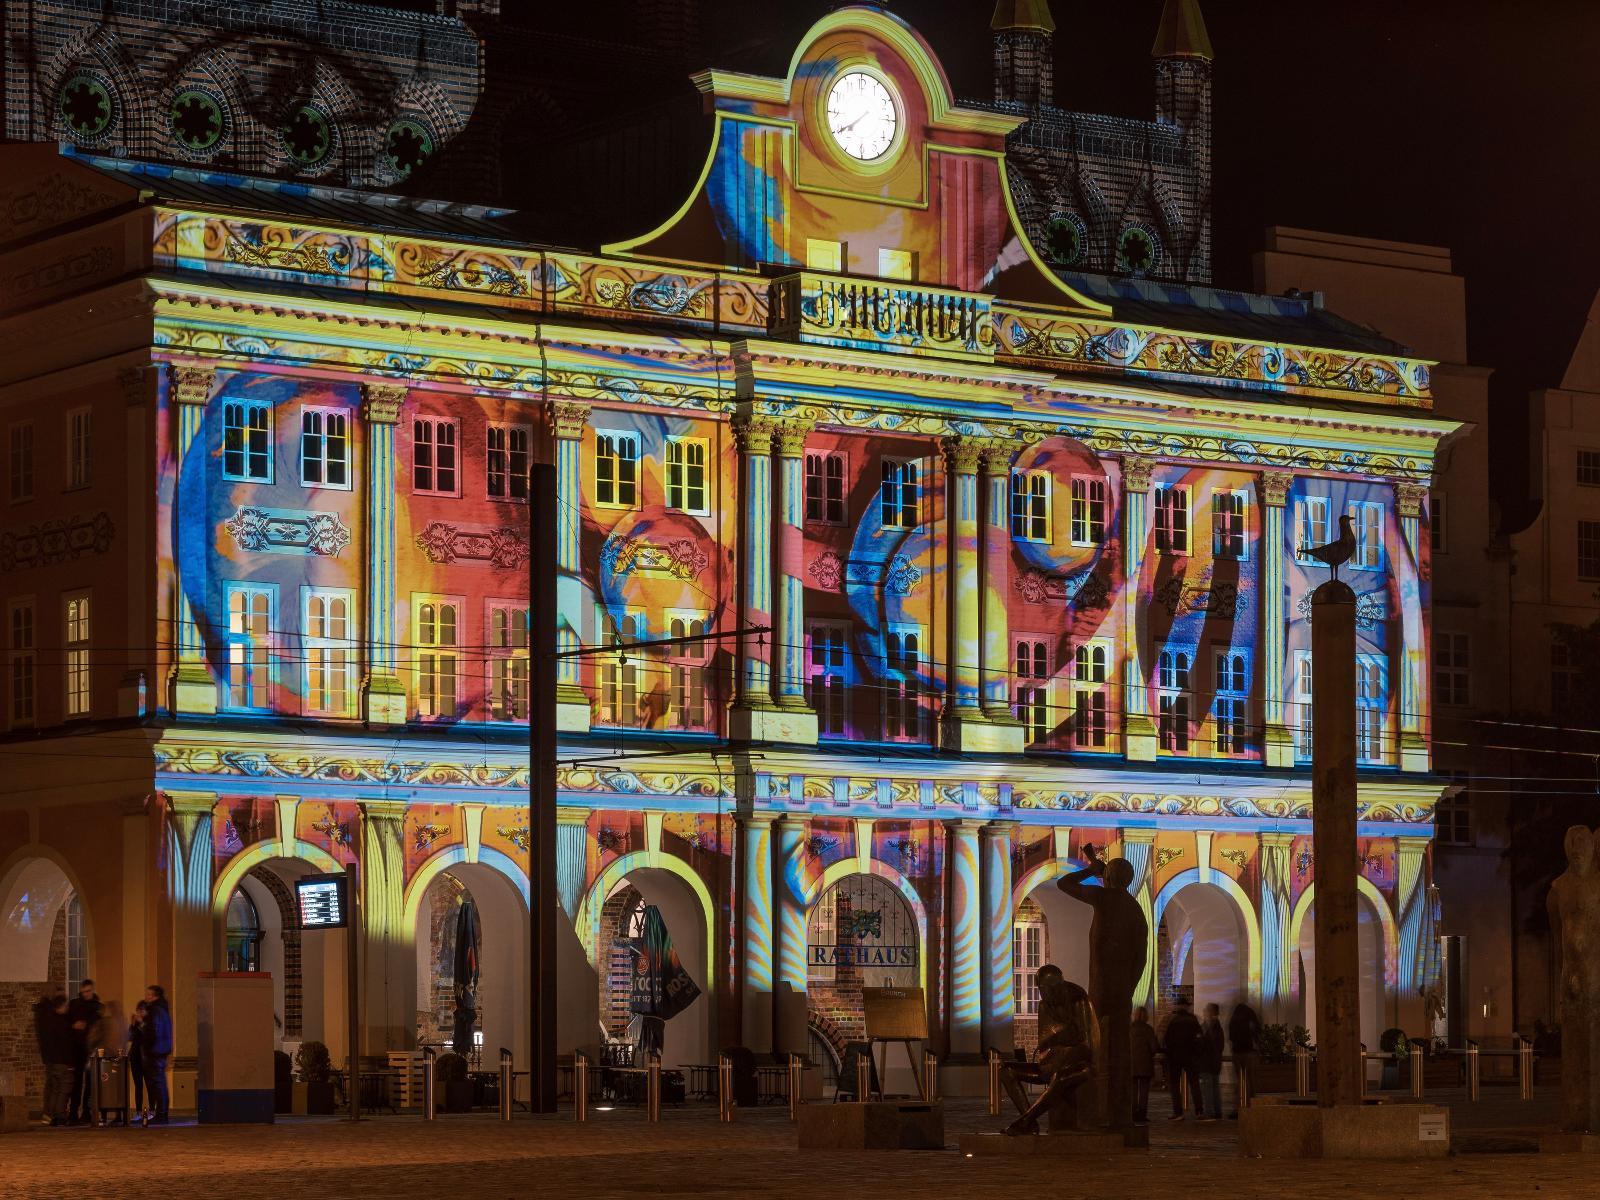 Das Rostocker Rathaus zeigt sich in völlig neuer Verkleidung - dank der Lichtwoche 2020 mit ihren Lichtblicken.